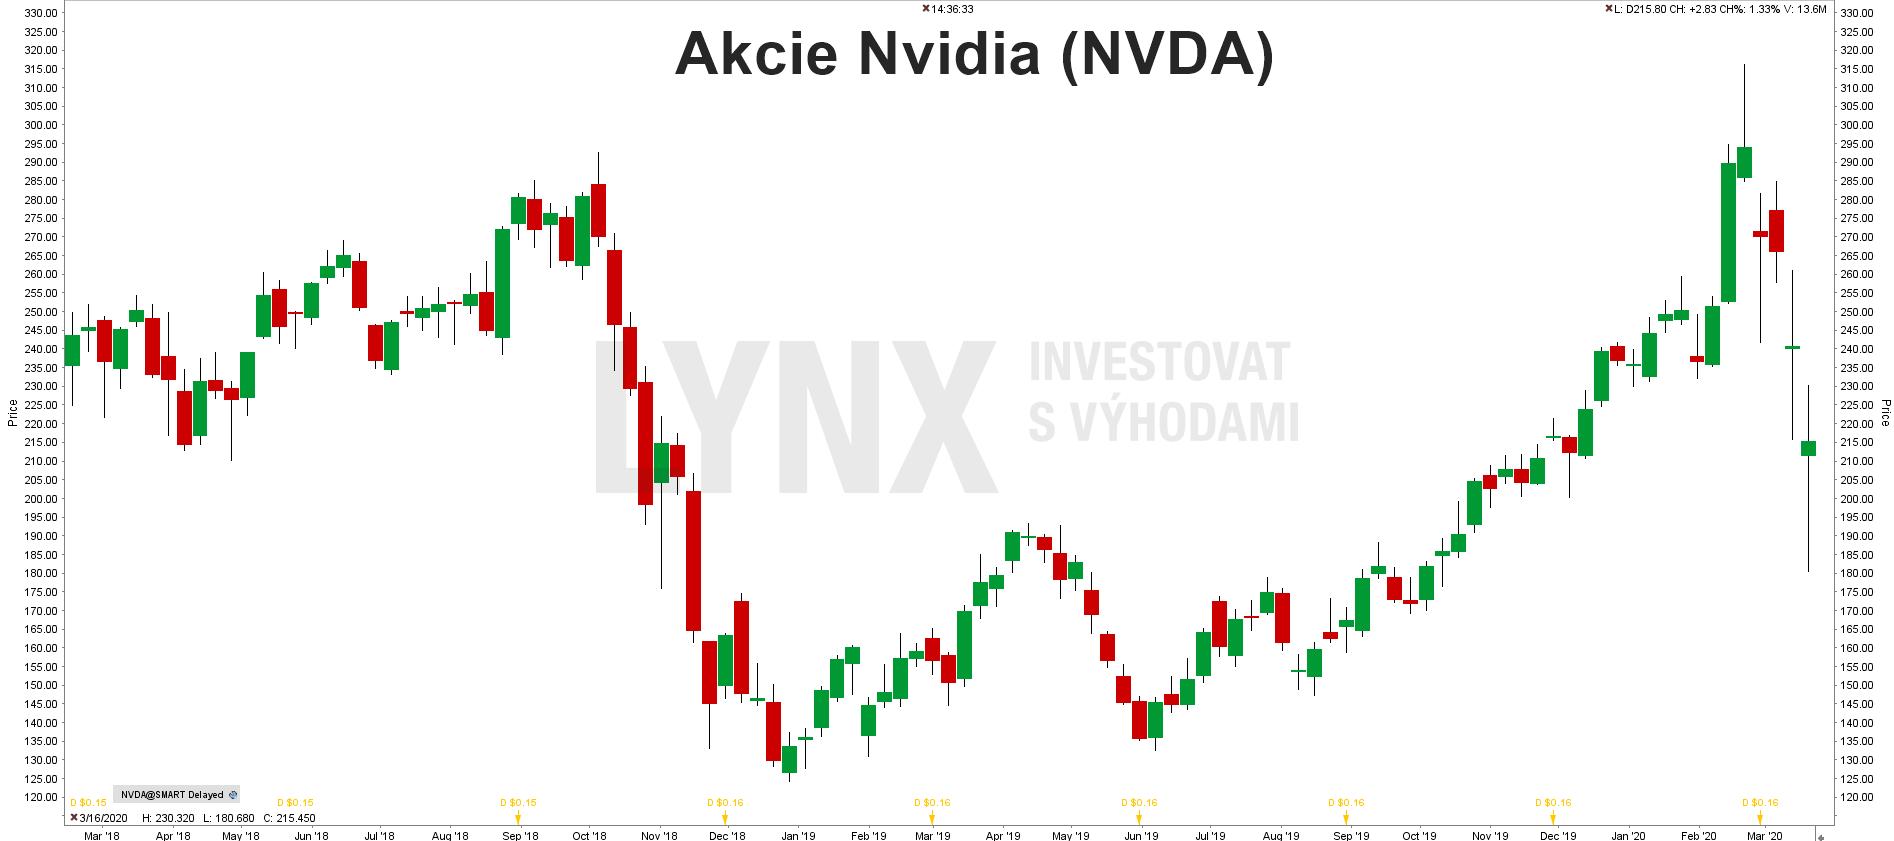 Graf akcie Nvidia (NVDA)